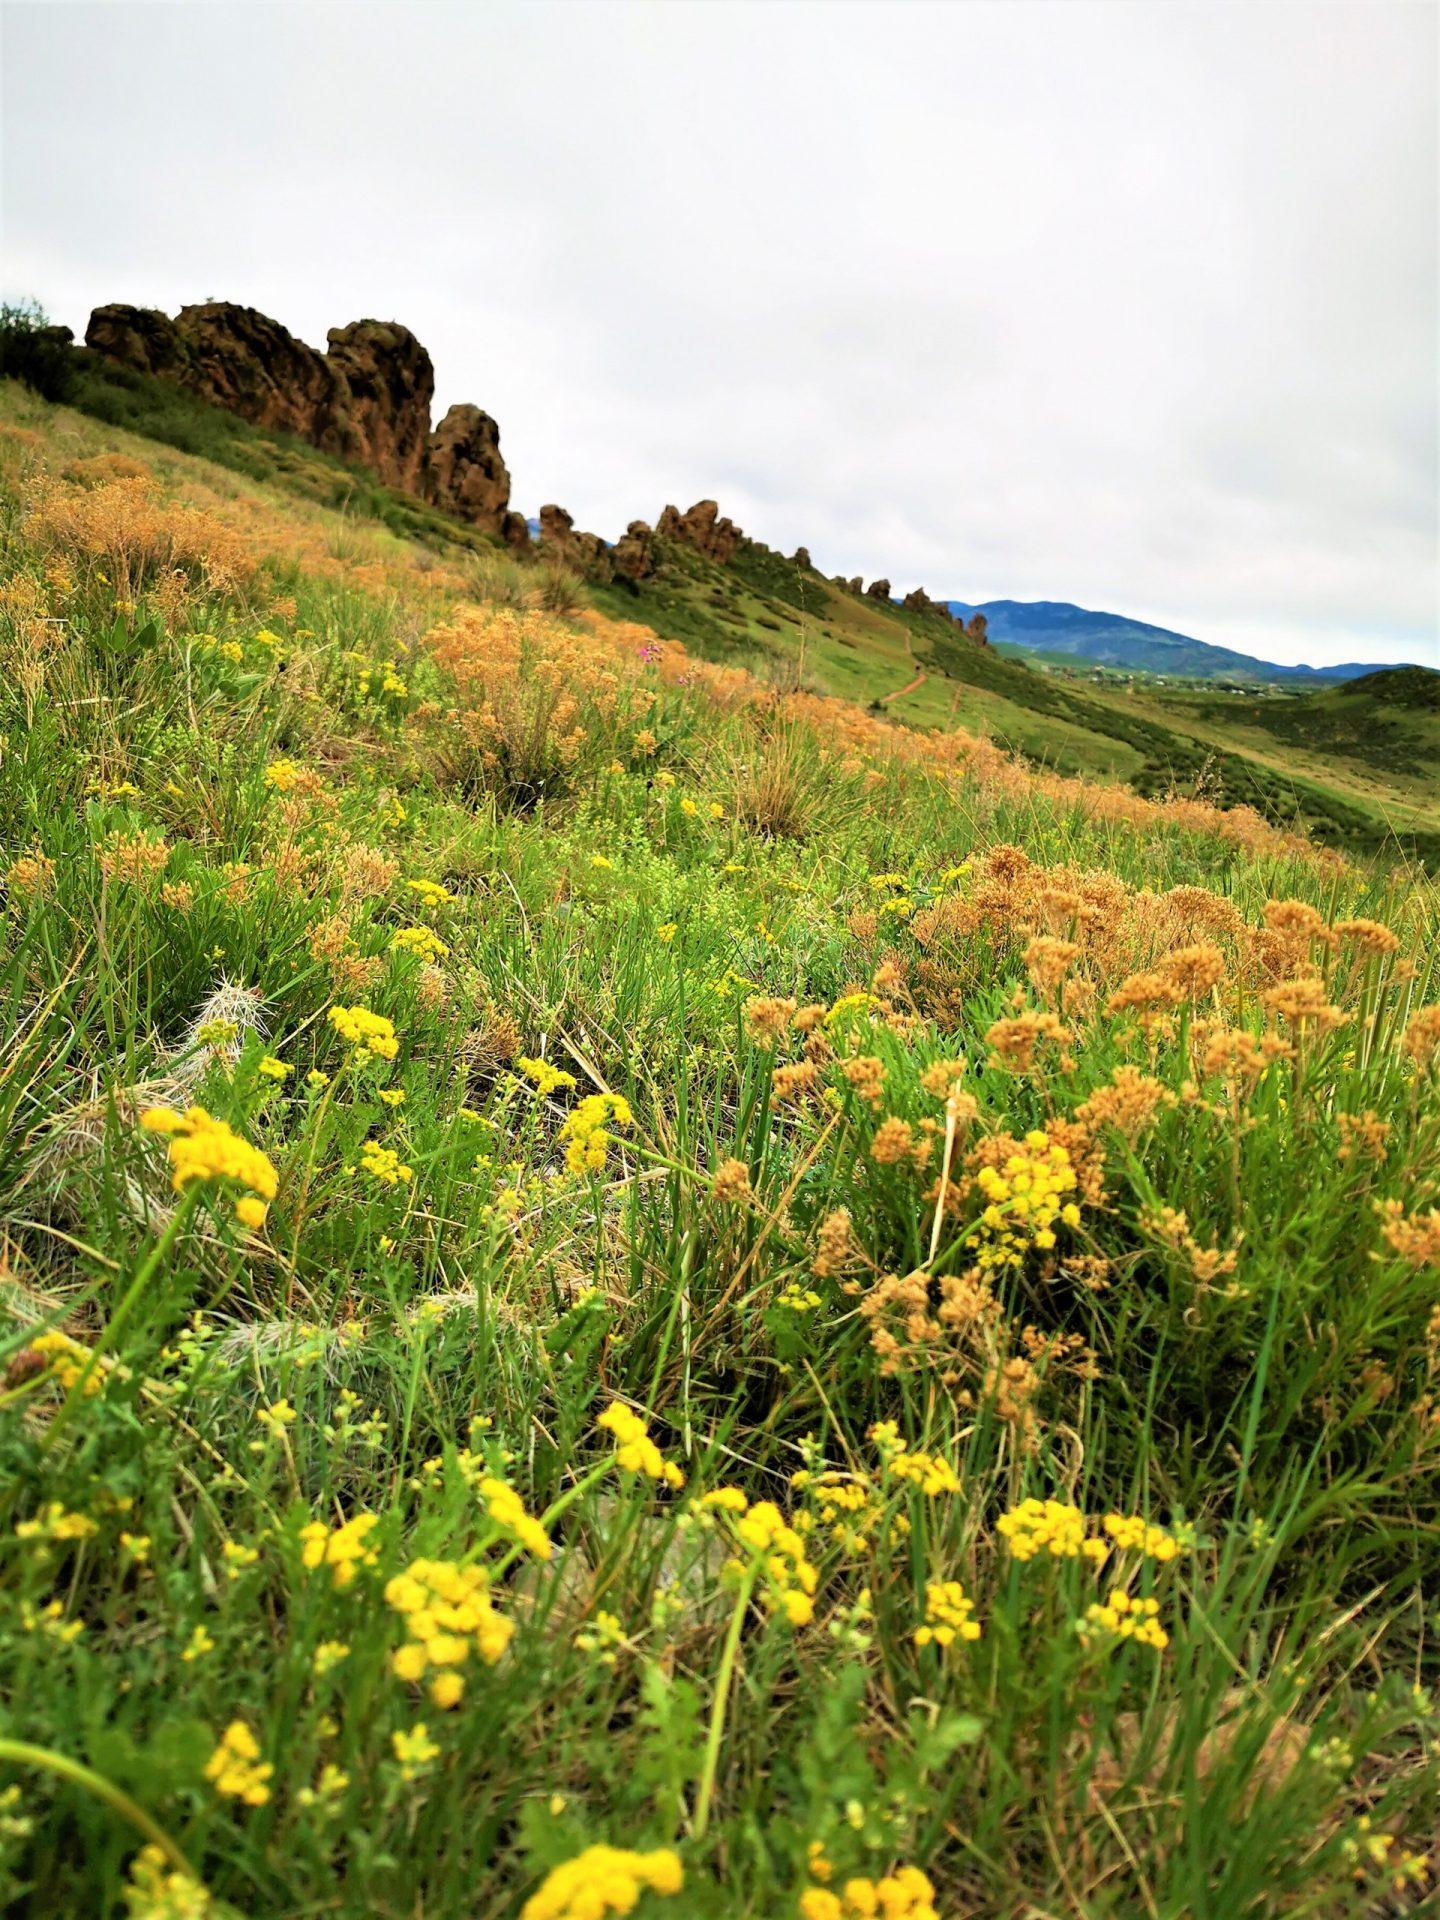 Devil's backbone hike Loveland Colorado wildflowers